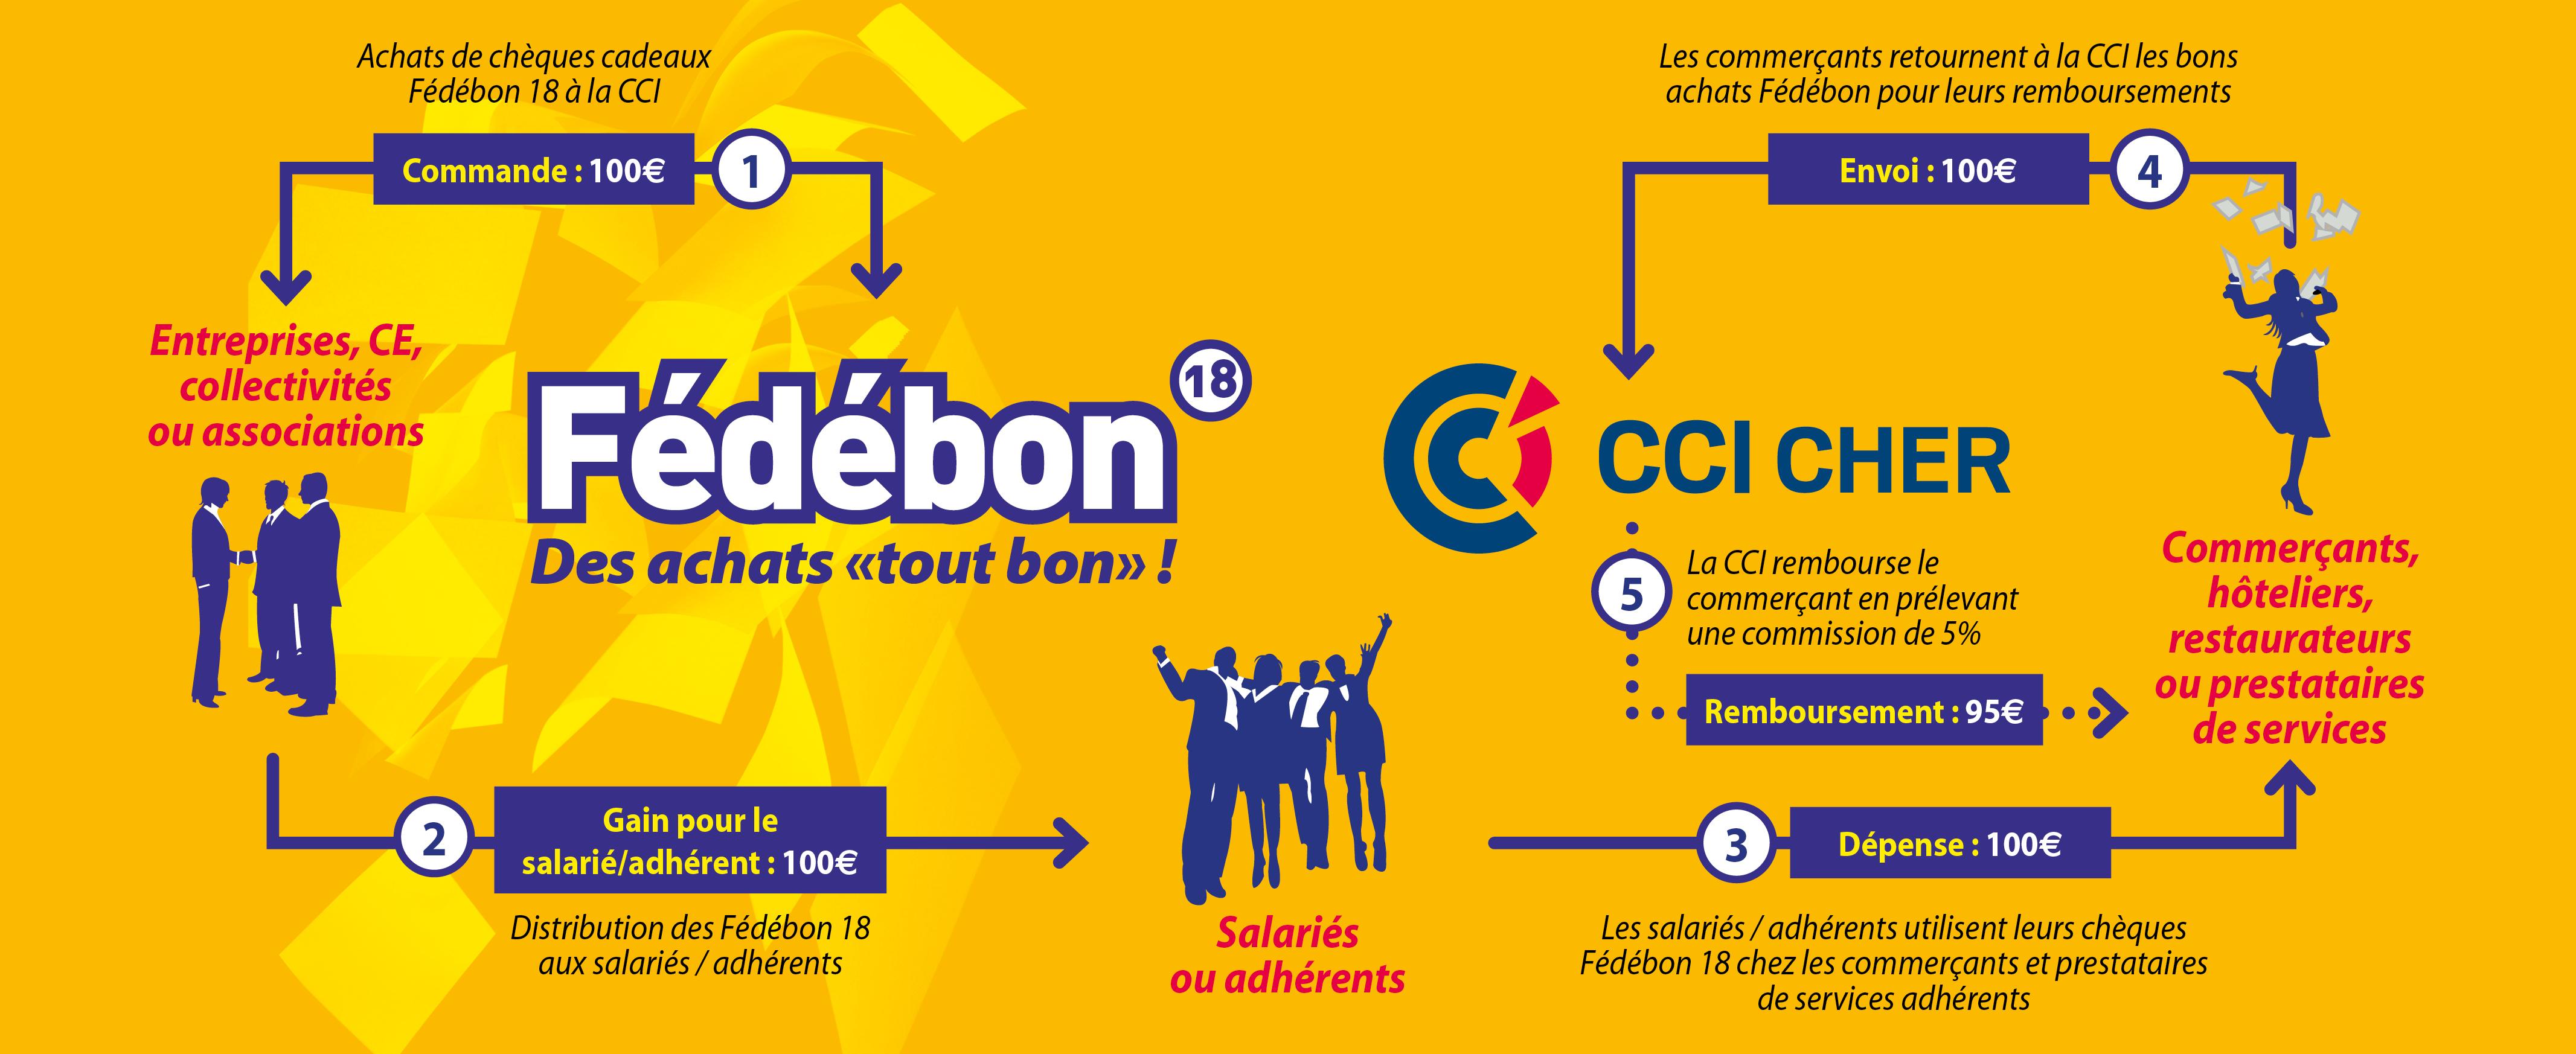 Infographie fedebon comment ça marche